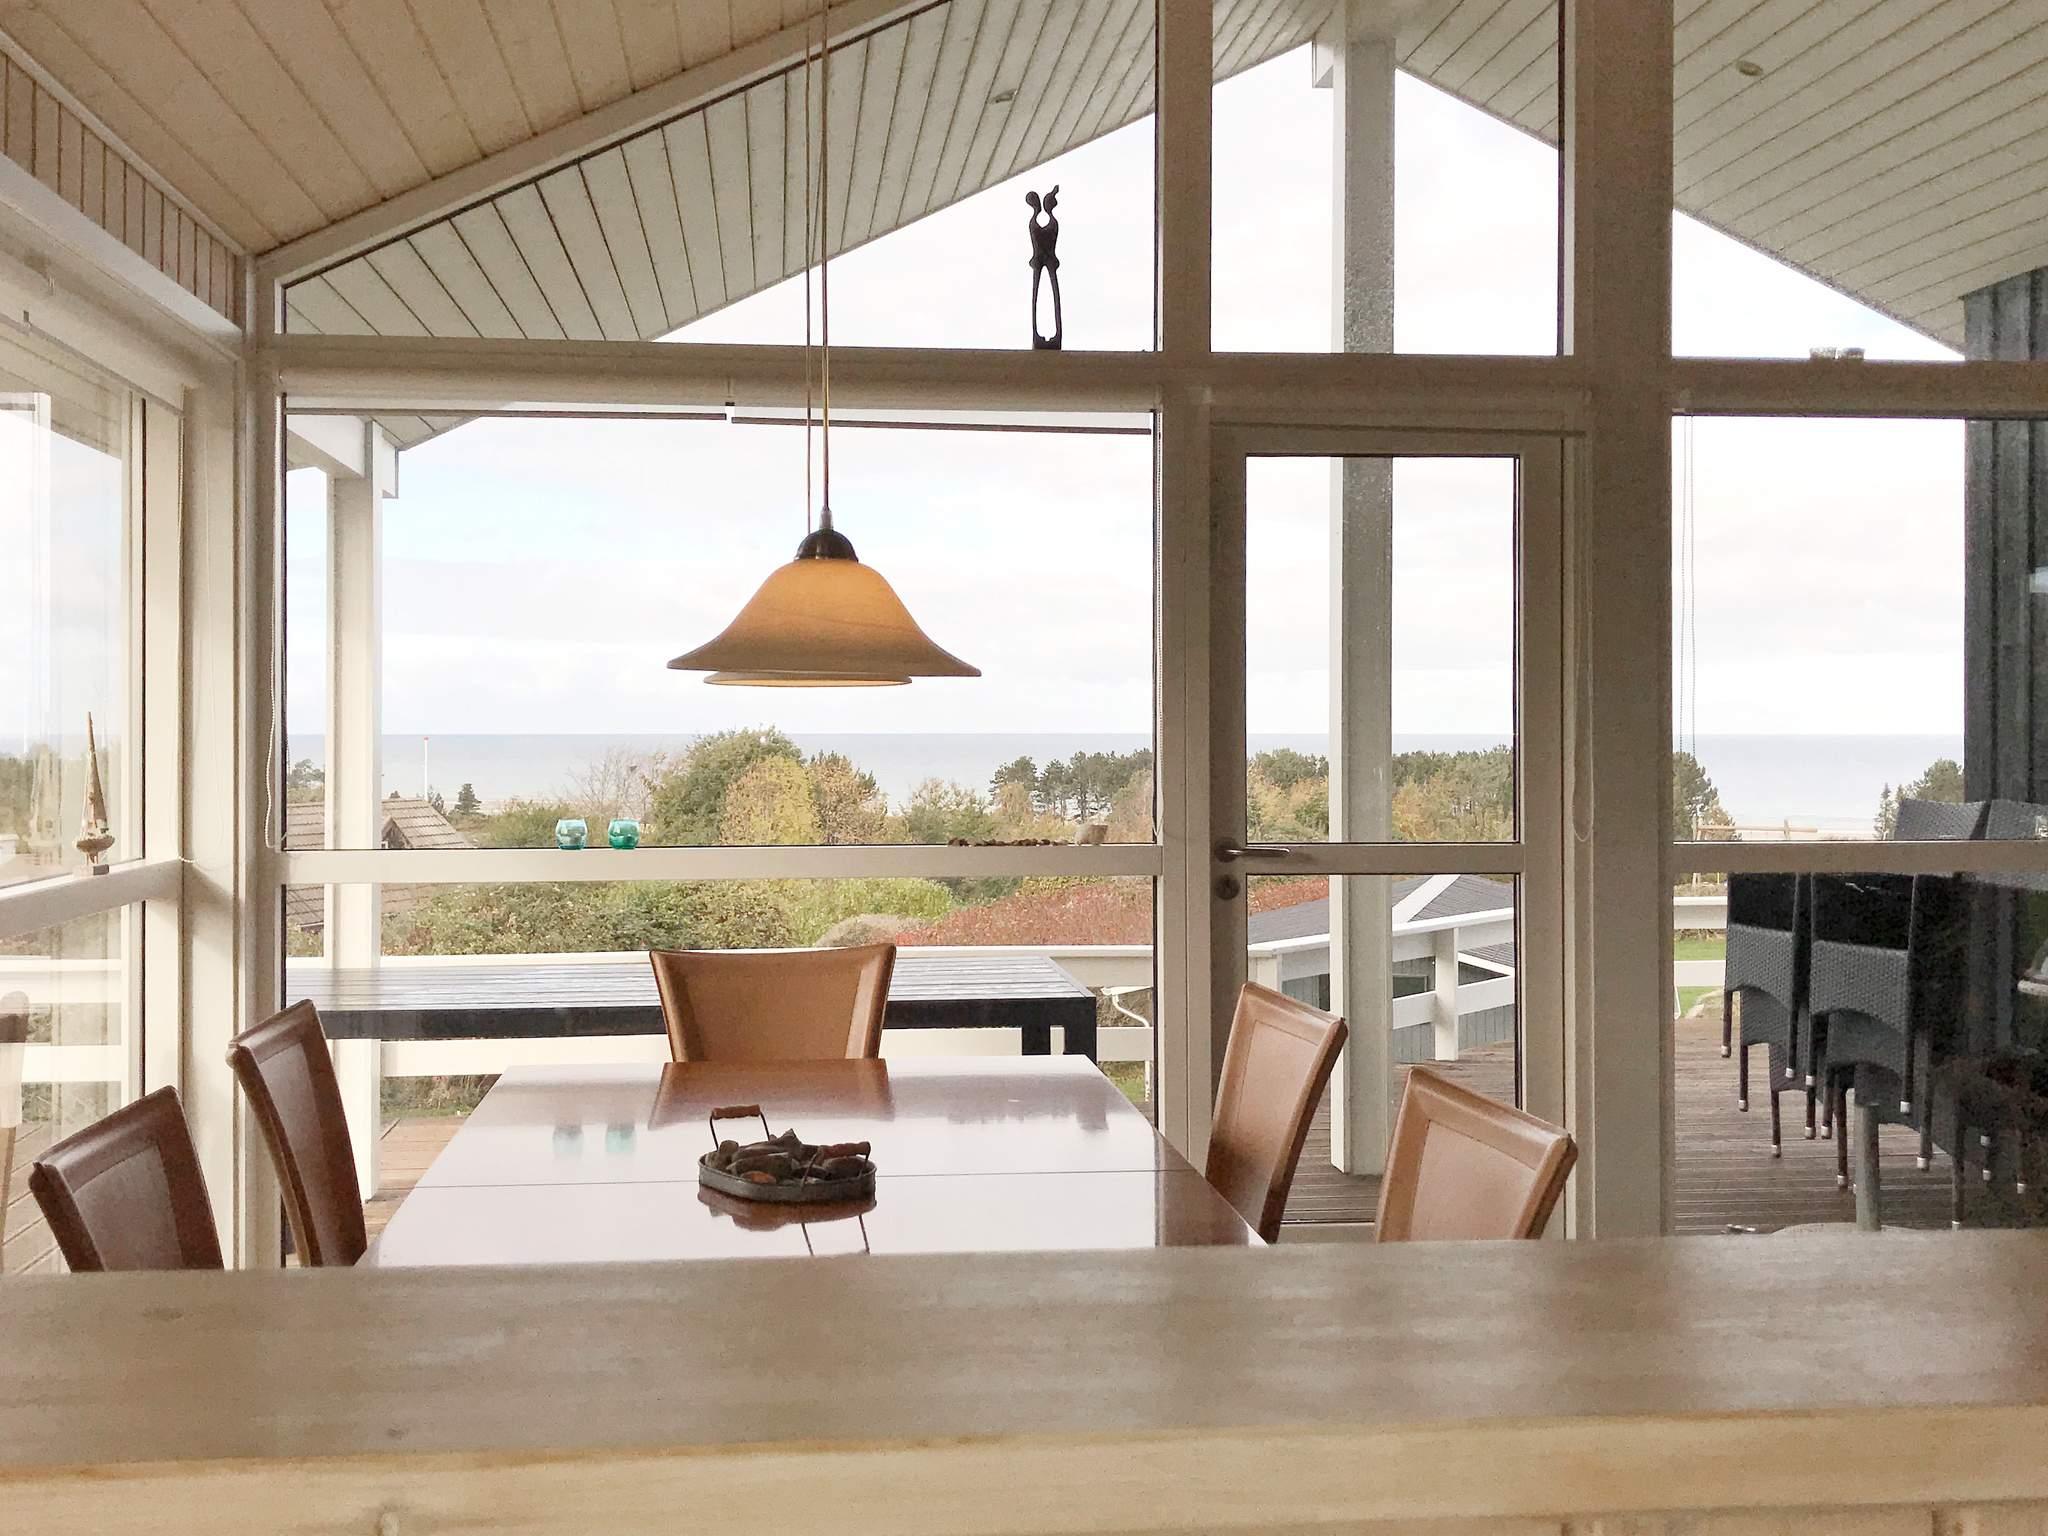 Ferienhaus Bønnerup Strand (601852), Bønnerup, , Ostjütland, Dänemark, Bild 4